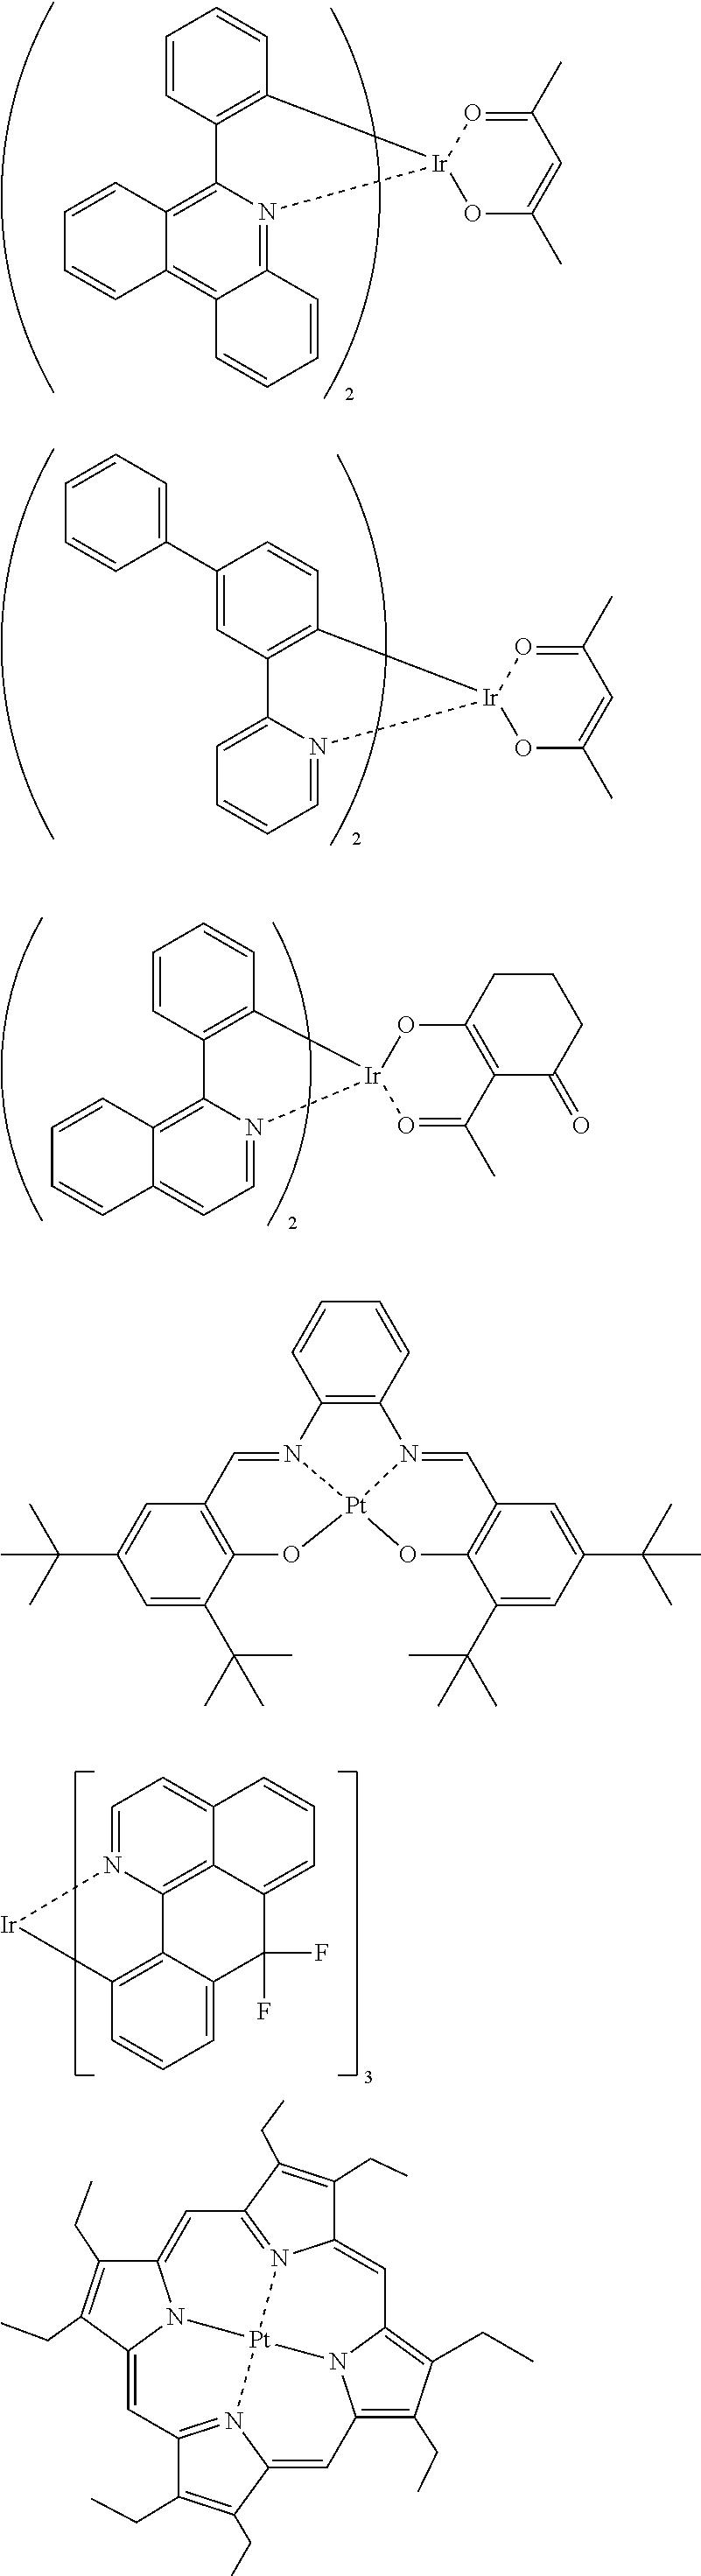 Figure US08568903-20131029-C00037